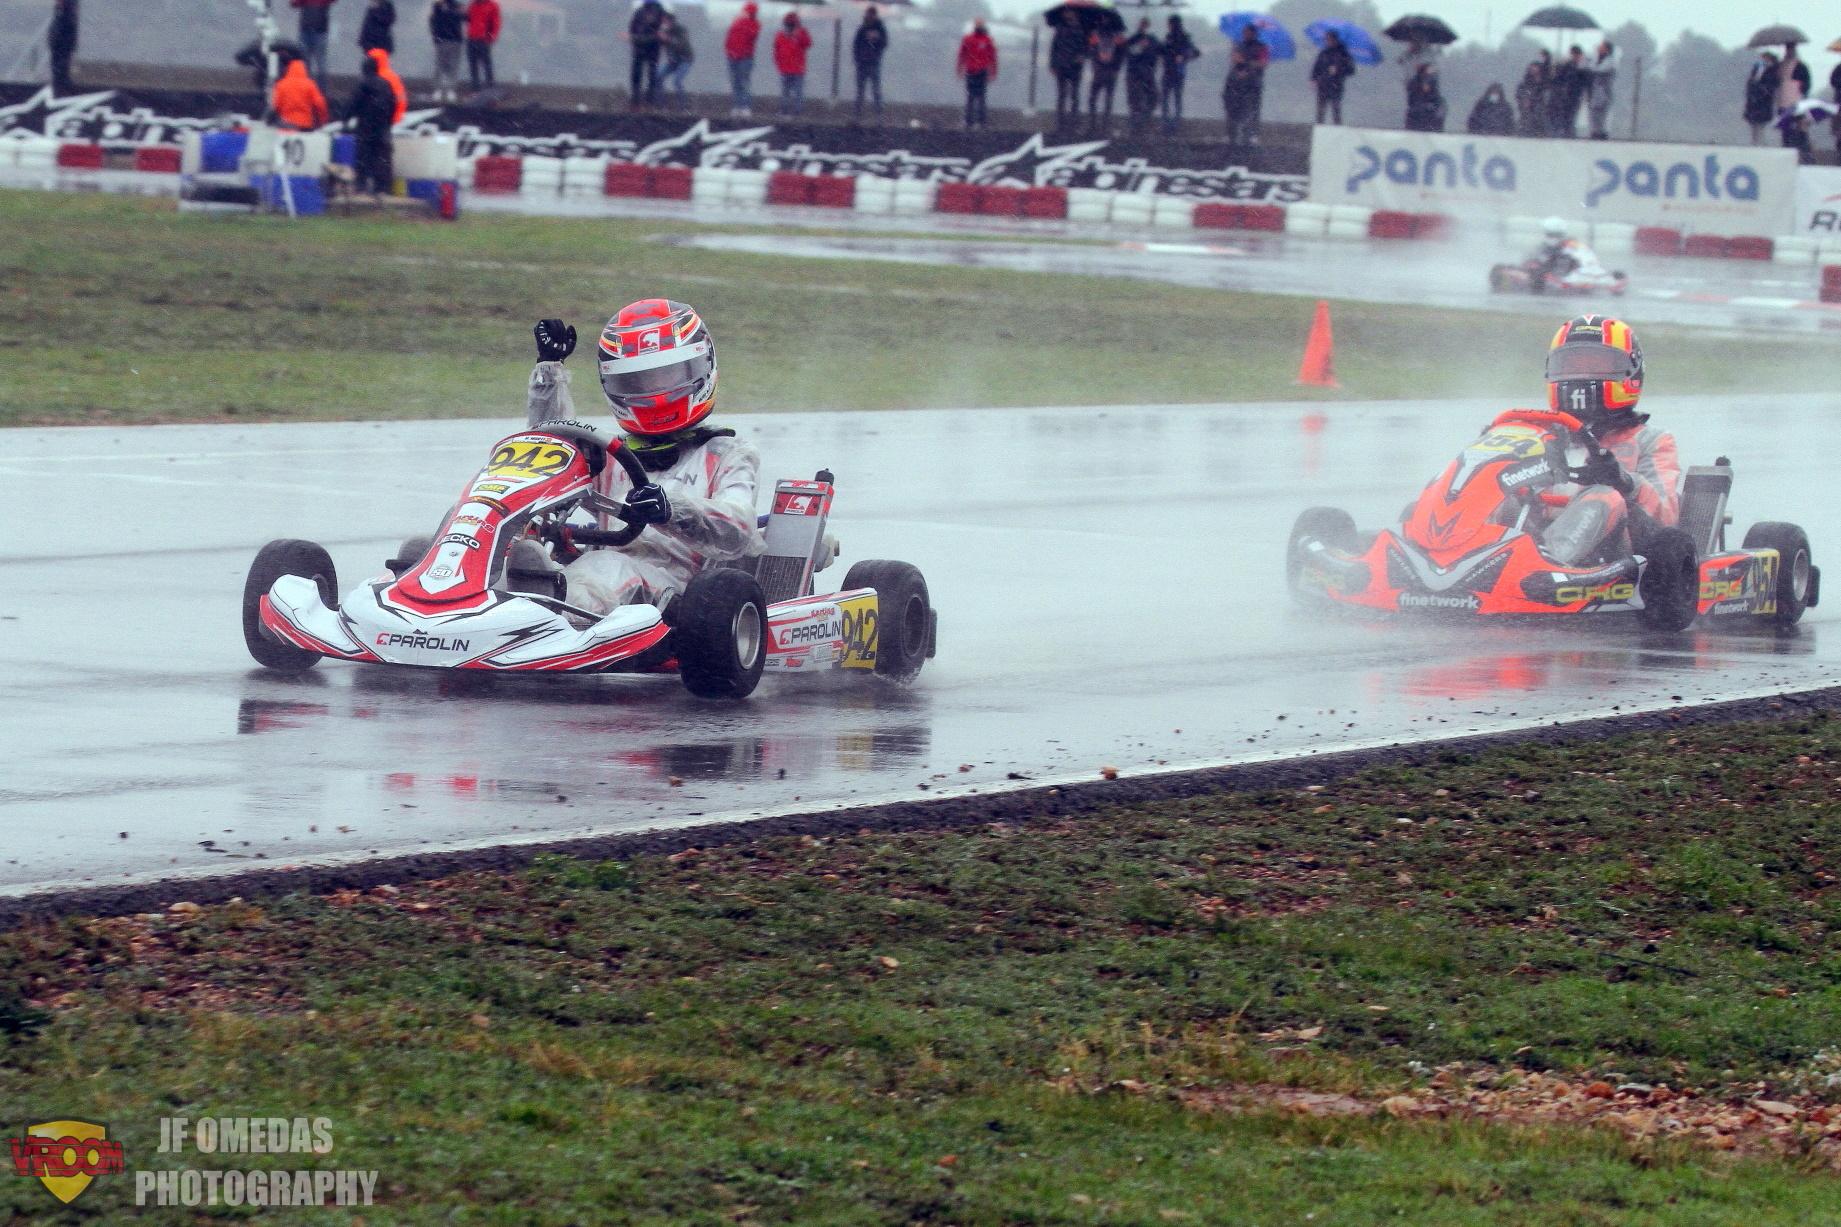 Iame Winter Cup Mini - Cuatro españoles en el top 10 de la Final